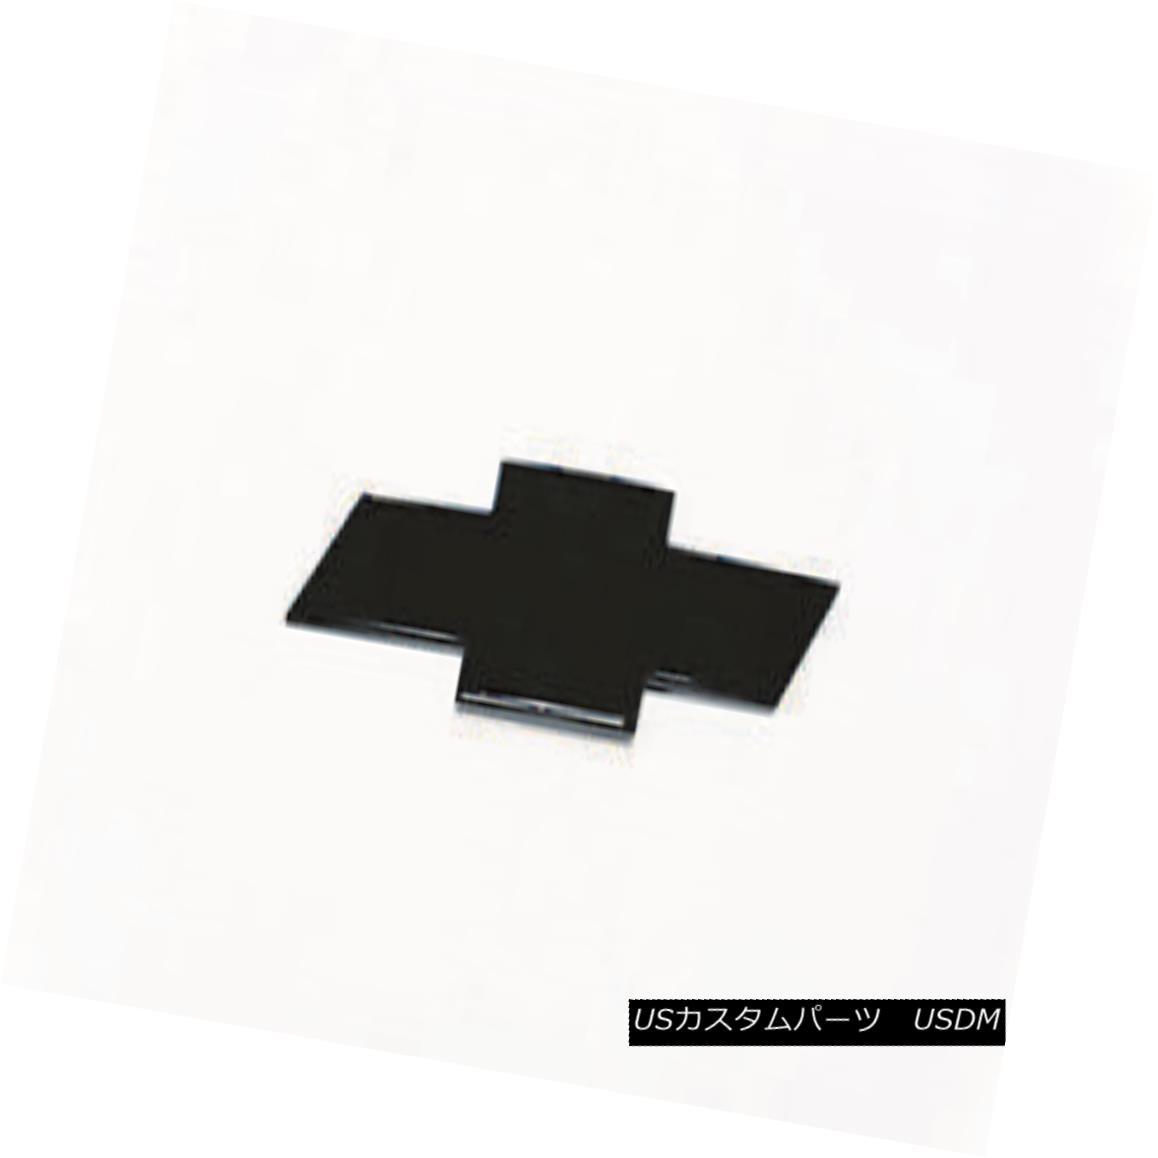 グリル PUTCO 99999GMB - Emblem Kit Fits 10-14 Chevy Equinox - Black Powdercoat PUTCO 99999GMB - エンブレムキット10-14 Chevy Equinoxに適合 - ブラックパウダーコート